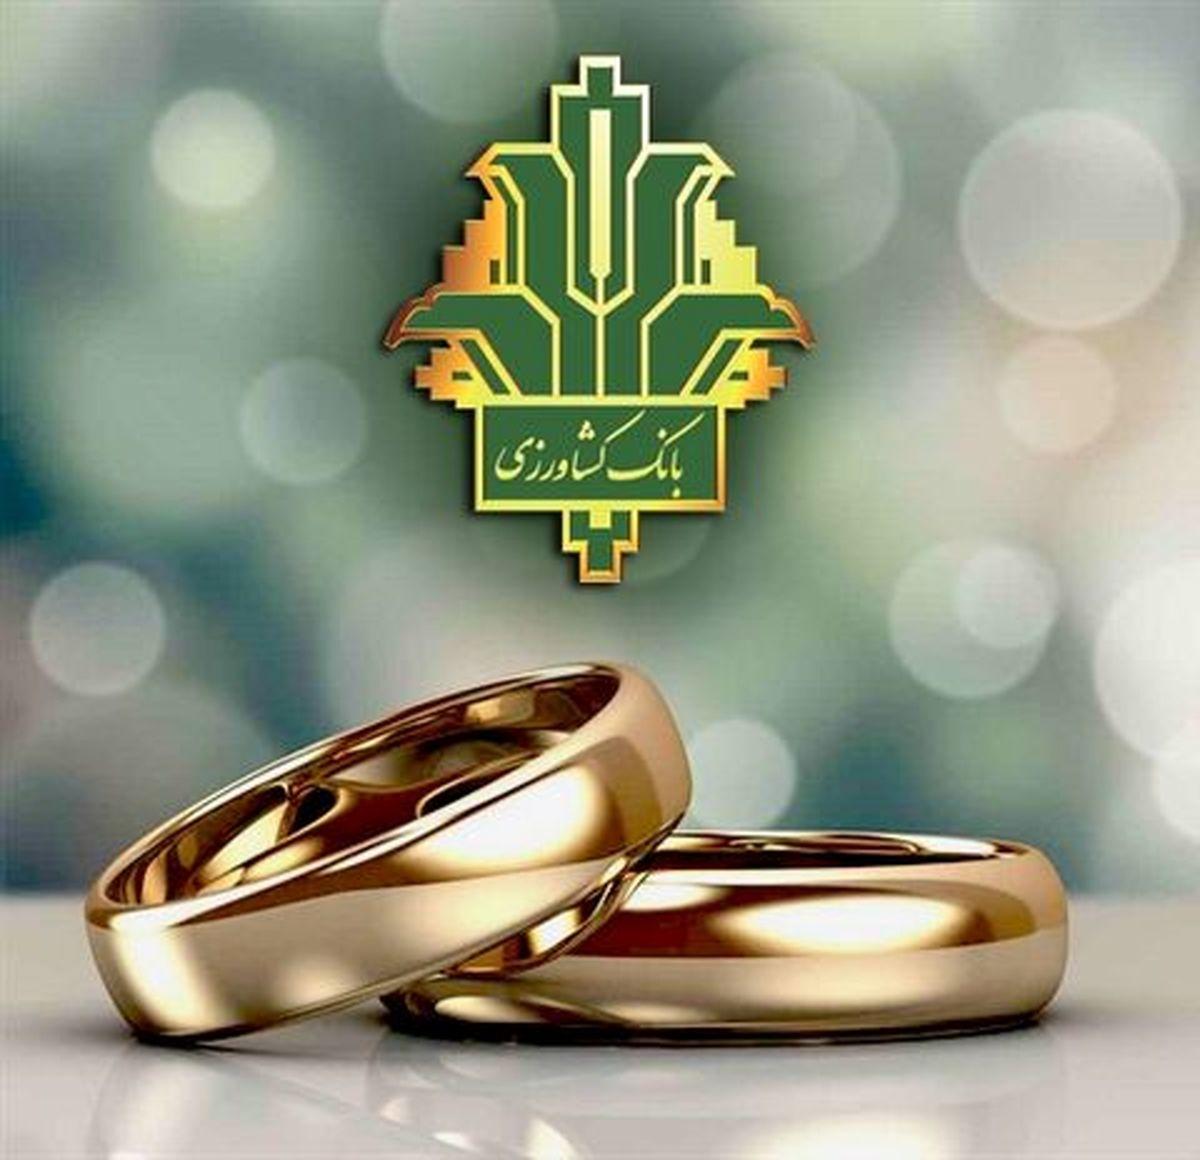 پرداخت ۴۷ هزار فقره تسهیلات قرض الحسنه ازدواج توسط بانک کشاورزی